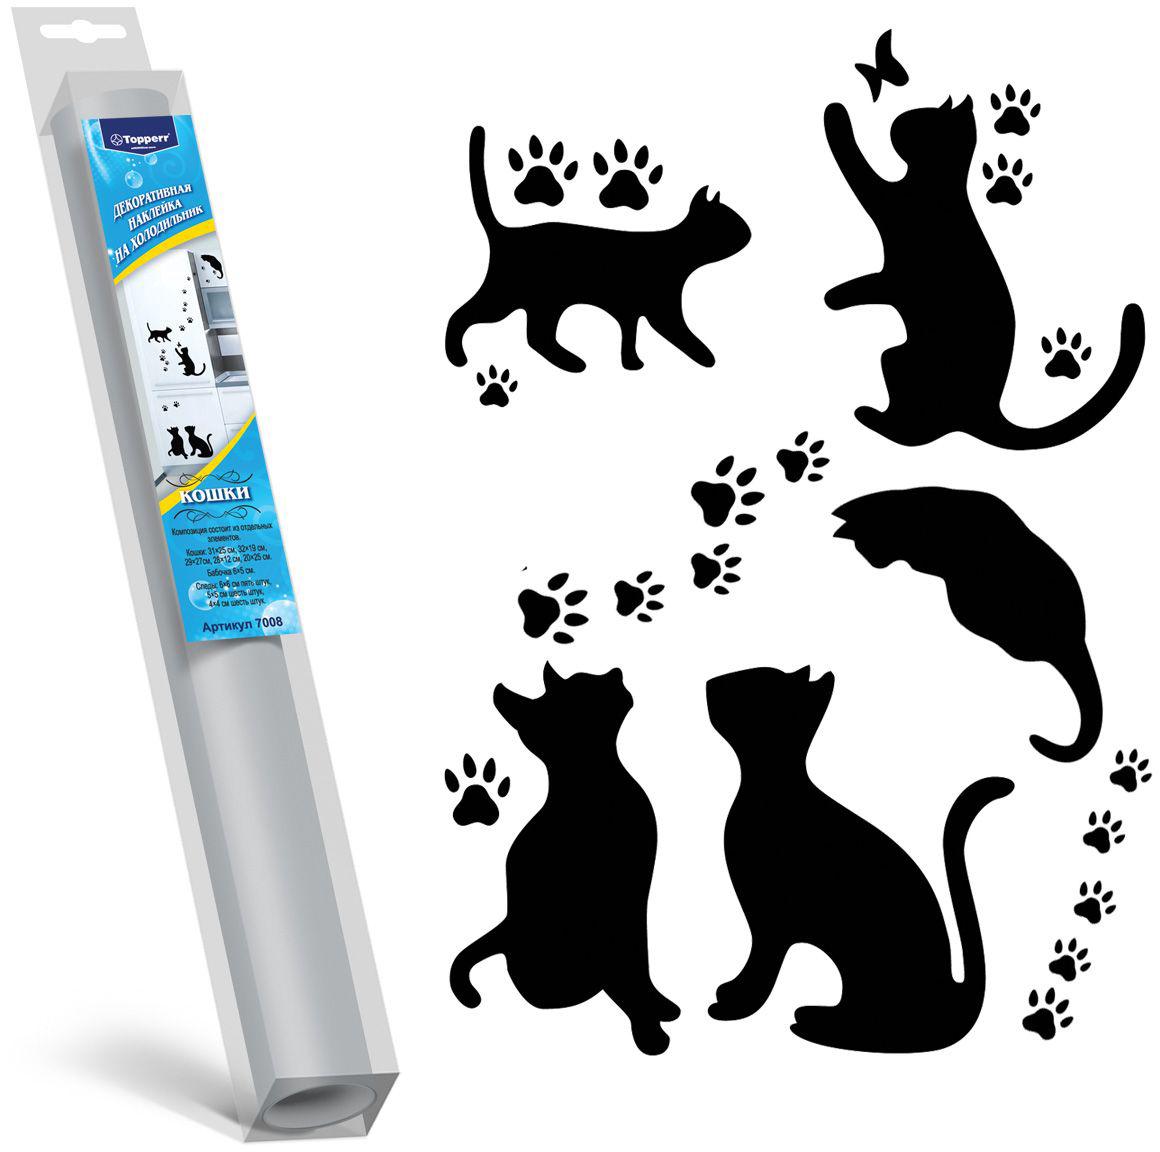 Декоративная наклейка Topperr Кошки для холодильников7008Декоративная цветная наклейка на холодильник из винила Кошки. Композиция из пяти кошек и следов. Состоит из отдельных элементов. Кошки: 31,5 х 25,5 см, 32,5 х 19 см, 29 х 27см, 28,5 х 12,5 см, 19,5 х 25,5 см. Бабочка: 6 х 5 см. Следы: 6,5 х 6 см – 5 шт., 5 х 5 см – 6 шт., 4 х 4 см – 6 шт. Способ применения: Достаньте композицию из упаковки. Наклеивать нужно на чистую и сухую поверхность. Аккуратно отделите рисунок от бумаги. Смочите оборотную сторону мыльным раствором. Начинать приклеивать композицию лучше сверху. Приклеивайте рисунок на поверхность, тщательно разглаживания композицию по направлению от середины к краям. В упаковке: 1 шт.